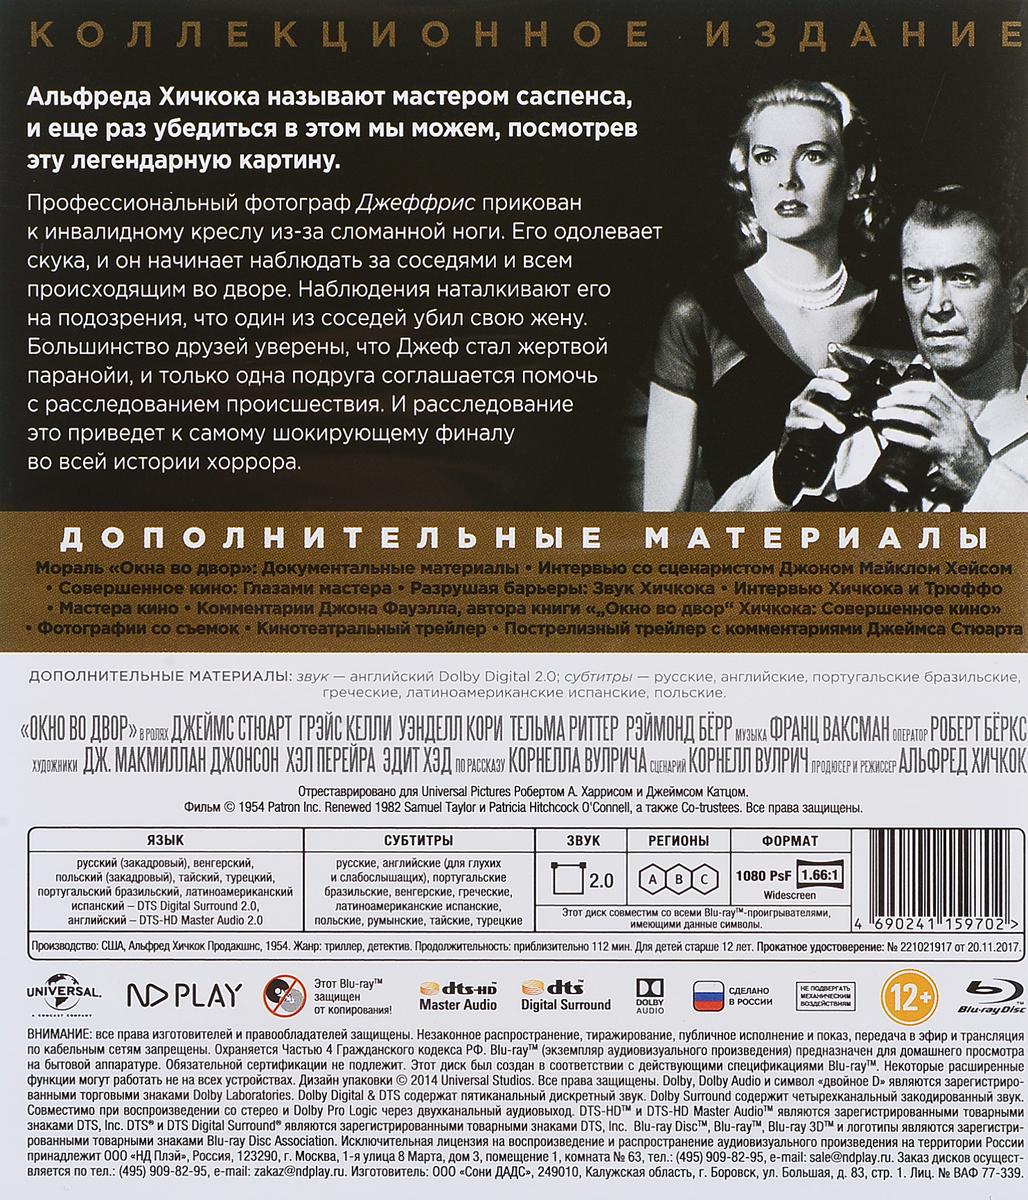 Окно во двор (Blu-ray) Paramount Pictures